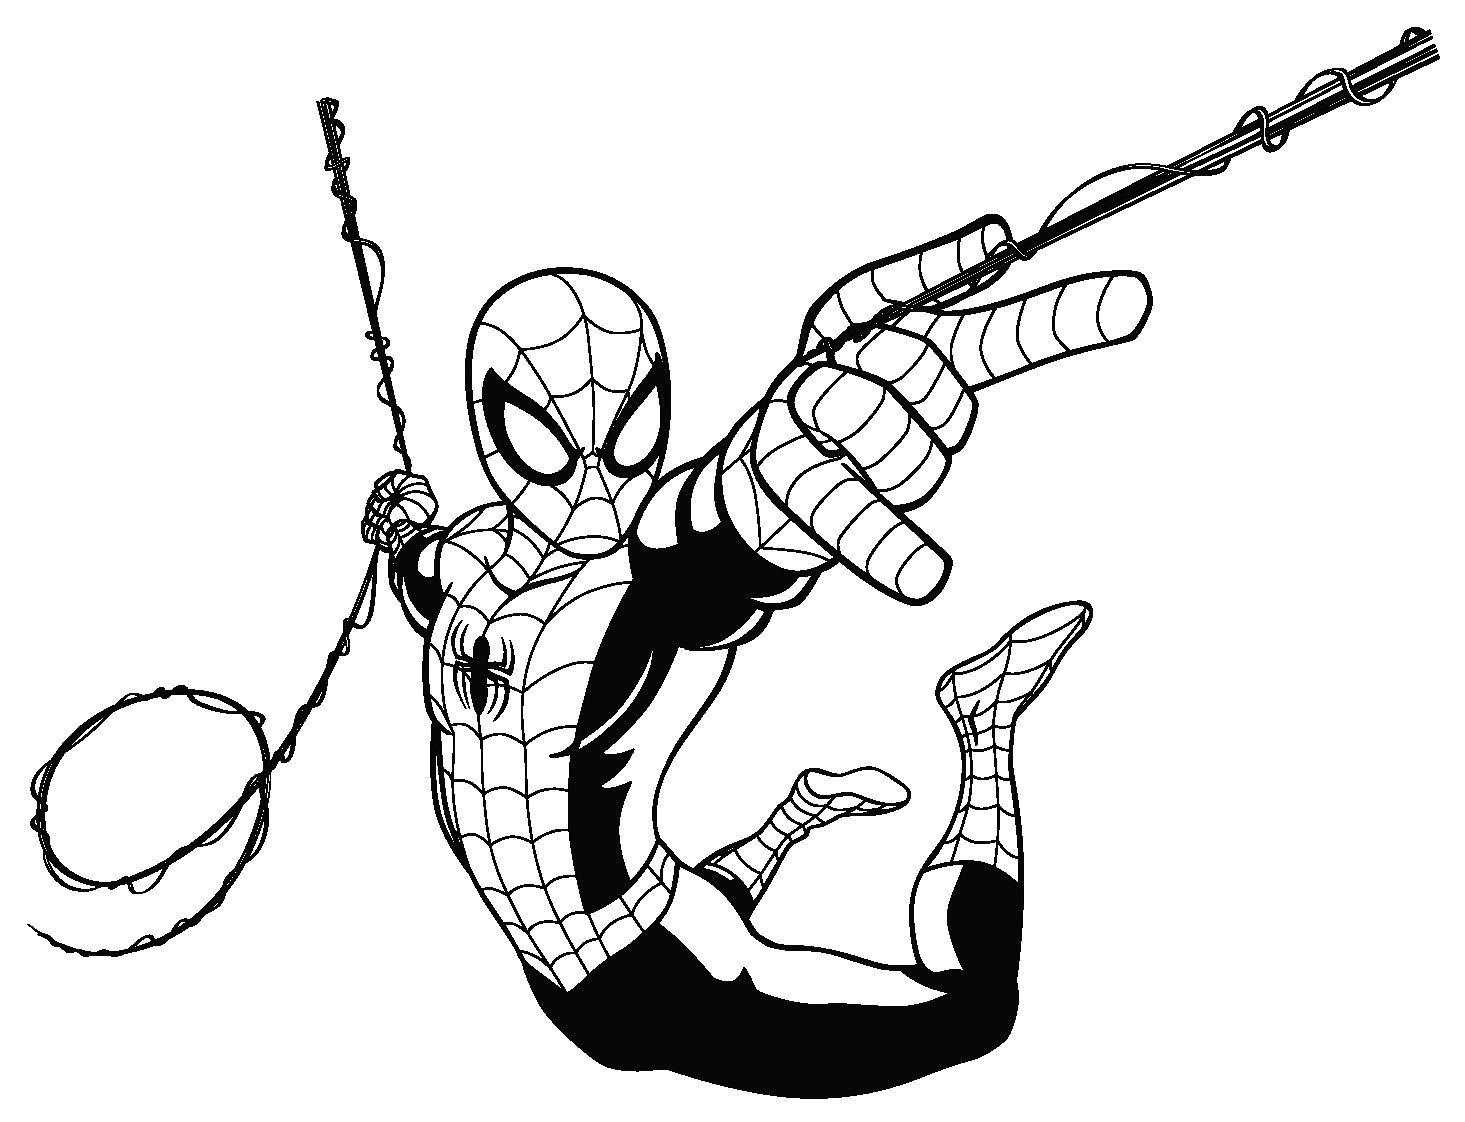 Disegni Da Colorare Personaggi Spiderman Timazighin Con Disegni Marvel Da Colorare E Spider Man Scarlet Spider Coloring Pages 337981 Disegni Marvel Da Colorare